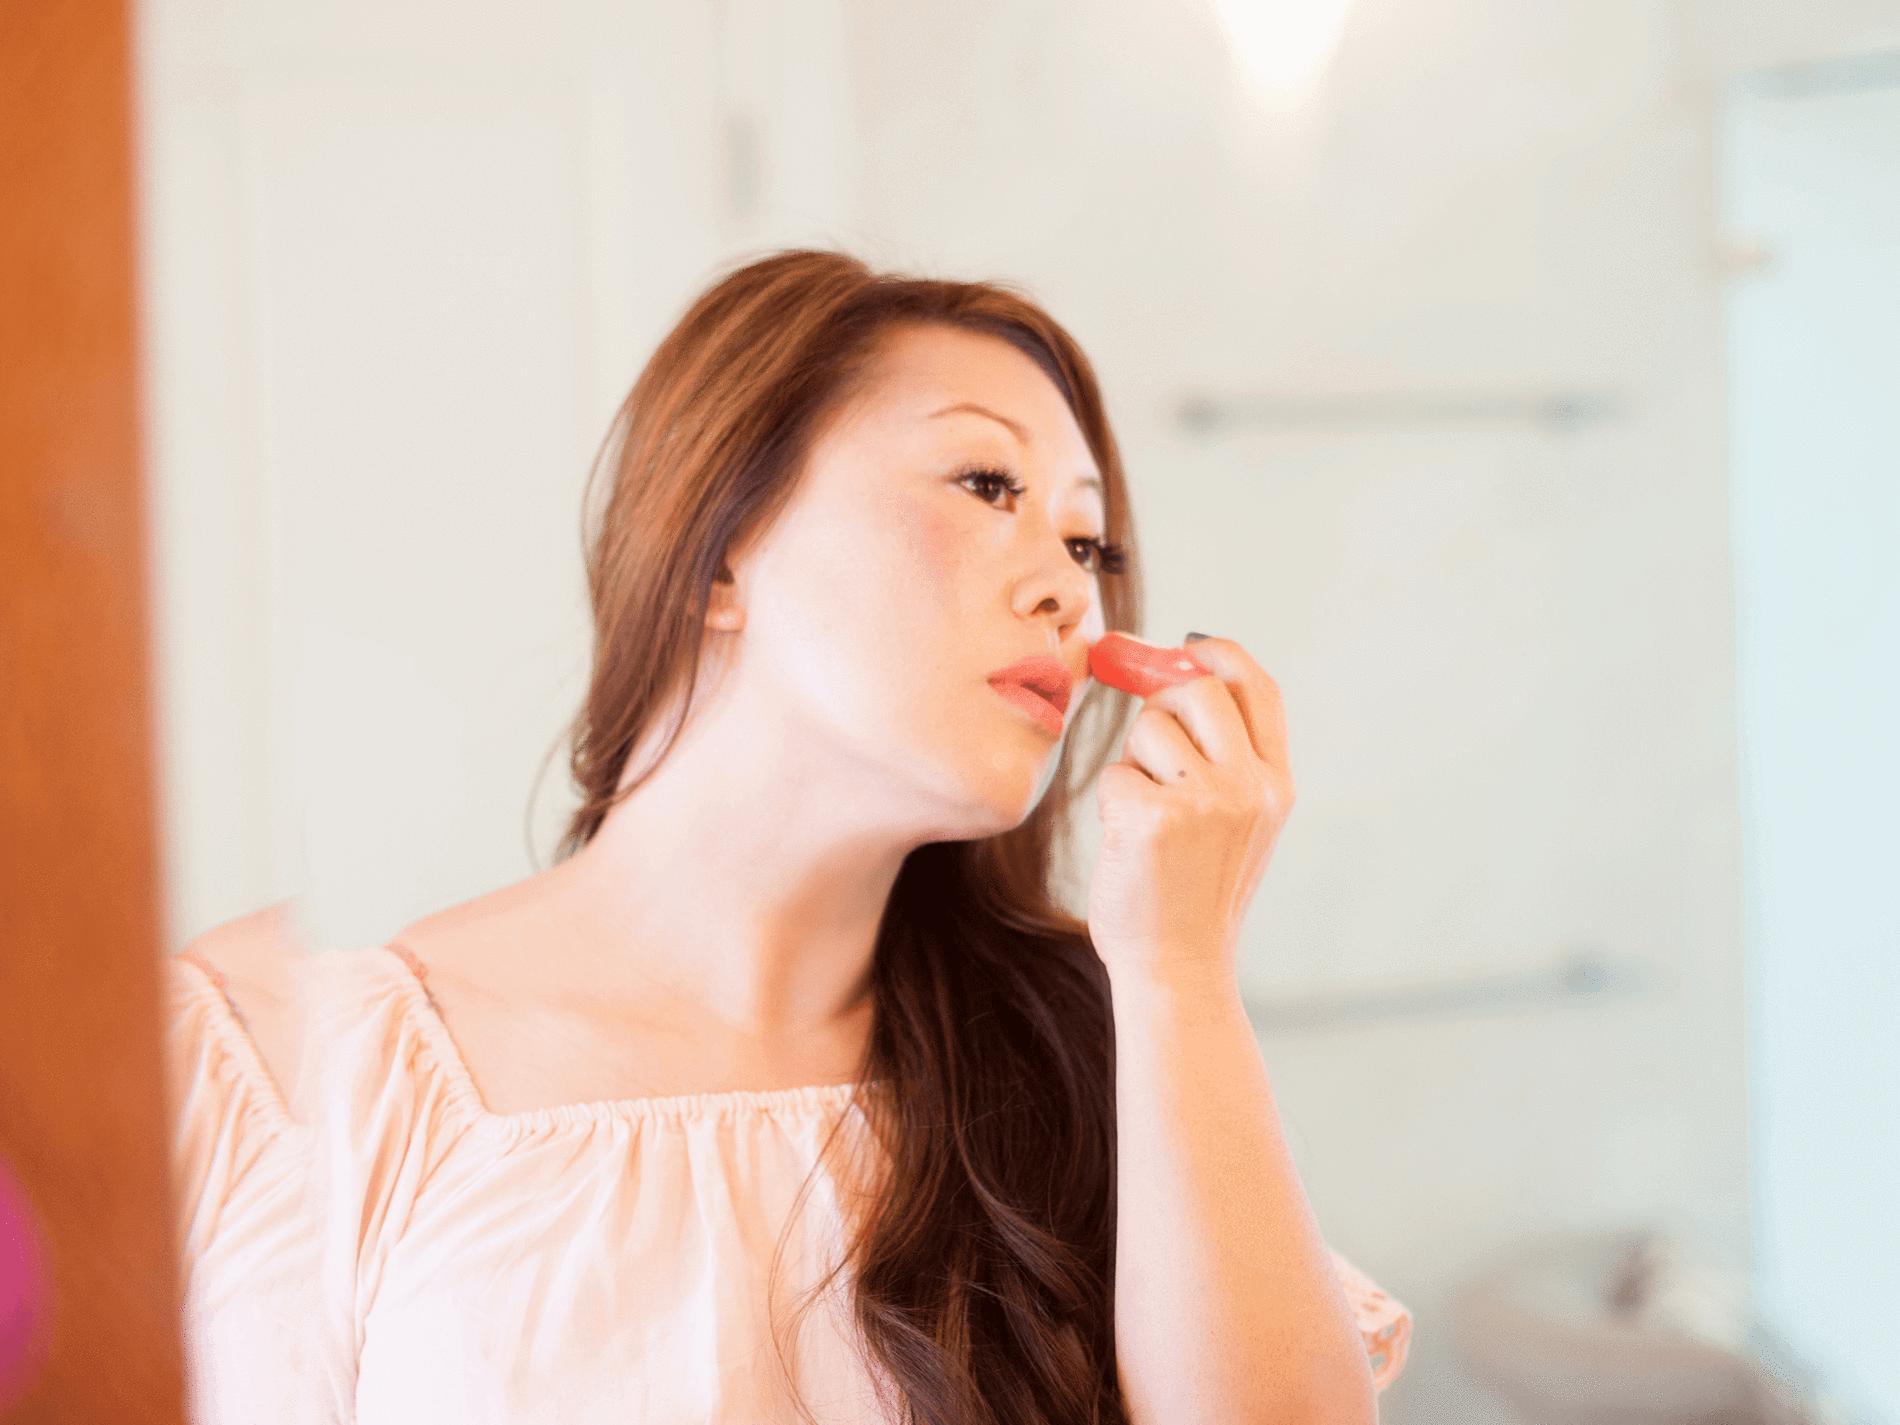 Susie wang grunnlegger av 100% Pure stabiliserte vitami c